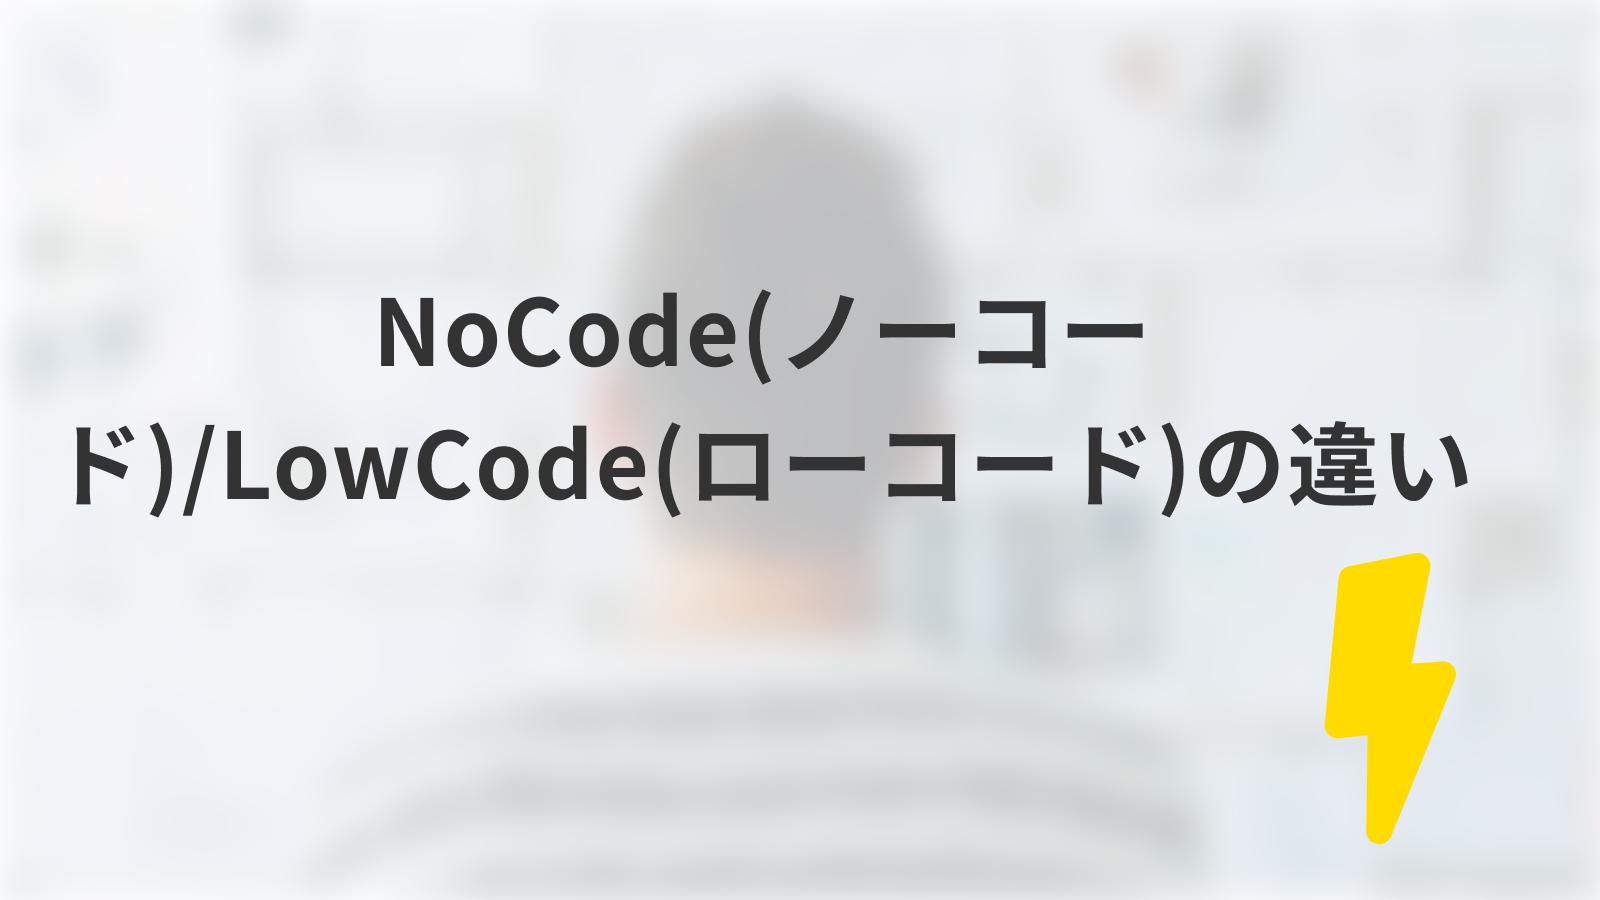 NoCode(ノーコード)/LowCode(ローコード)の違い